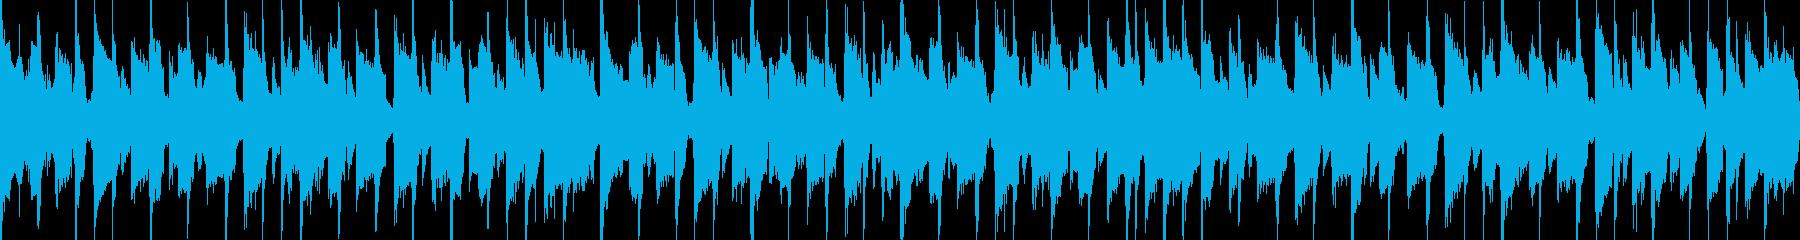 ポップエレクトロ楽器。弾む幸せな楽しい。の再生済みの波形